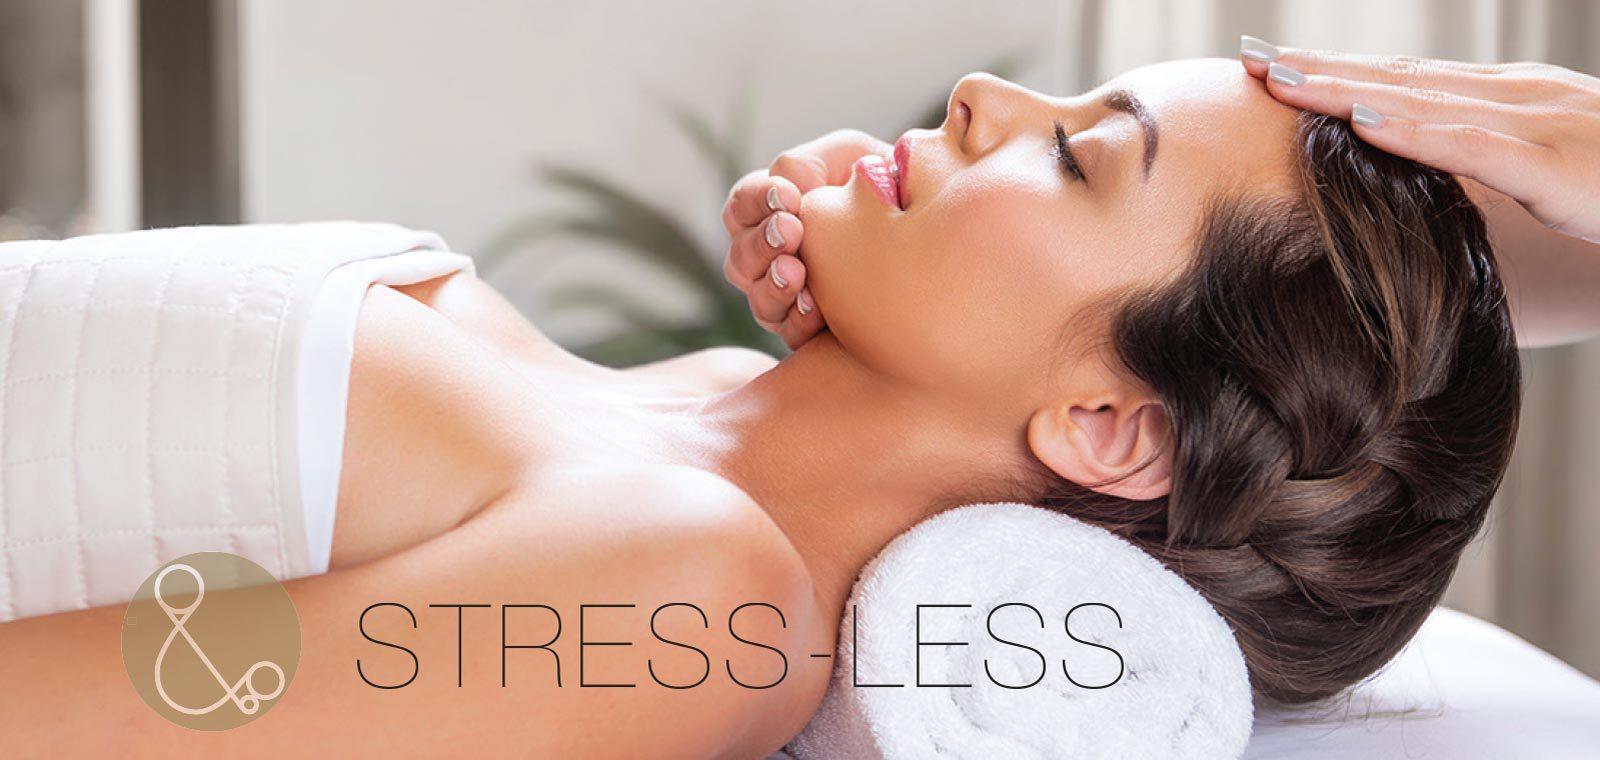 Stress-less massage